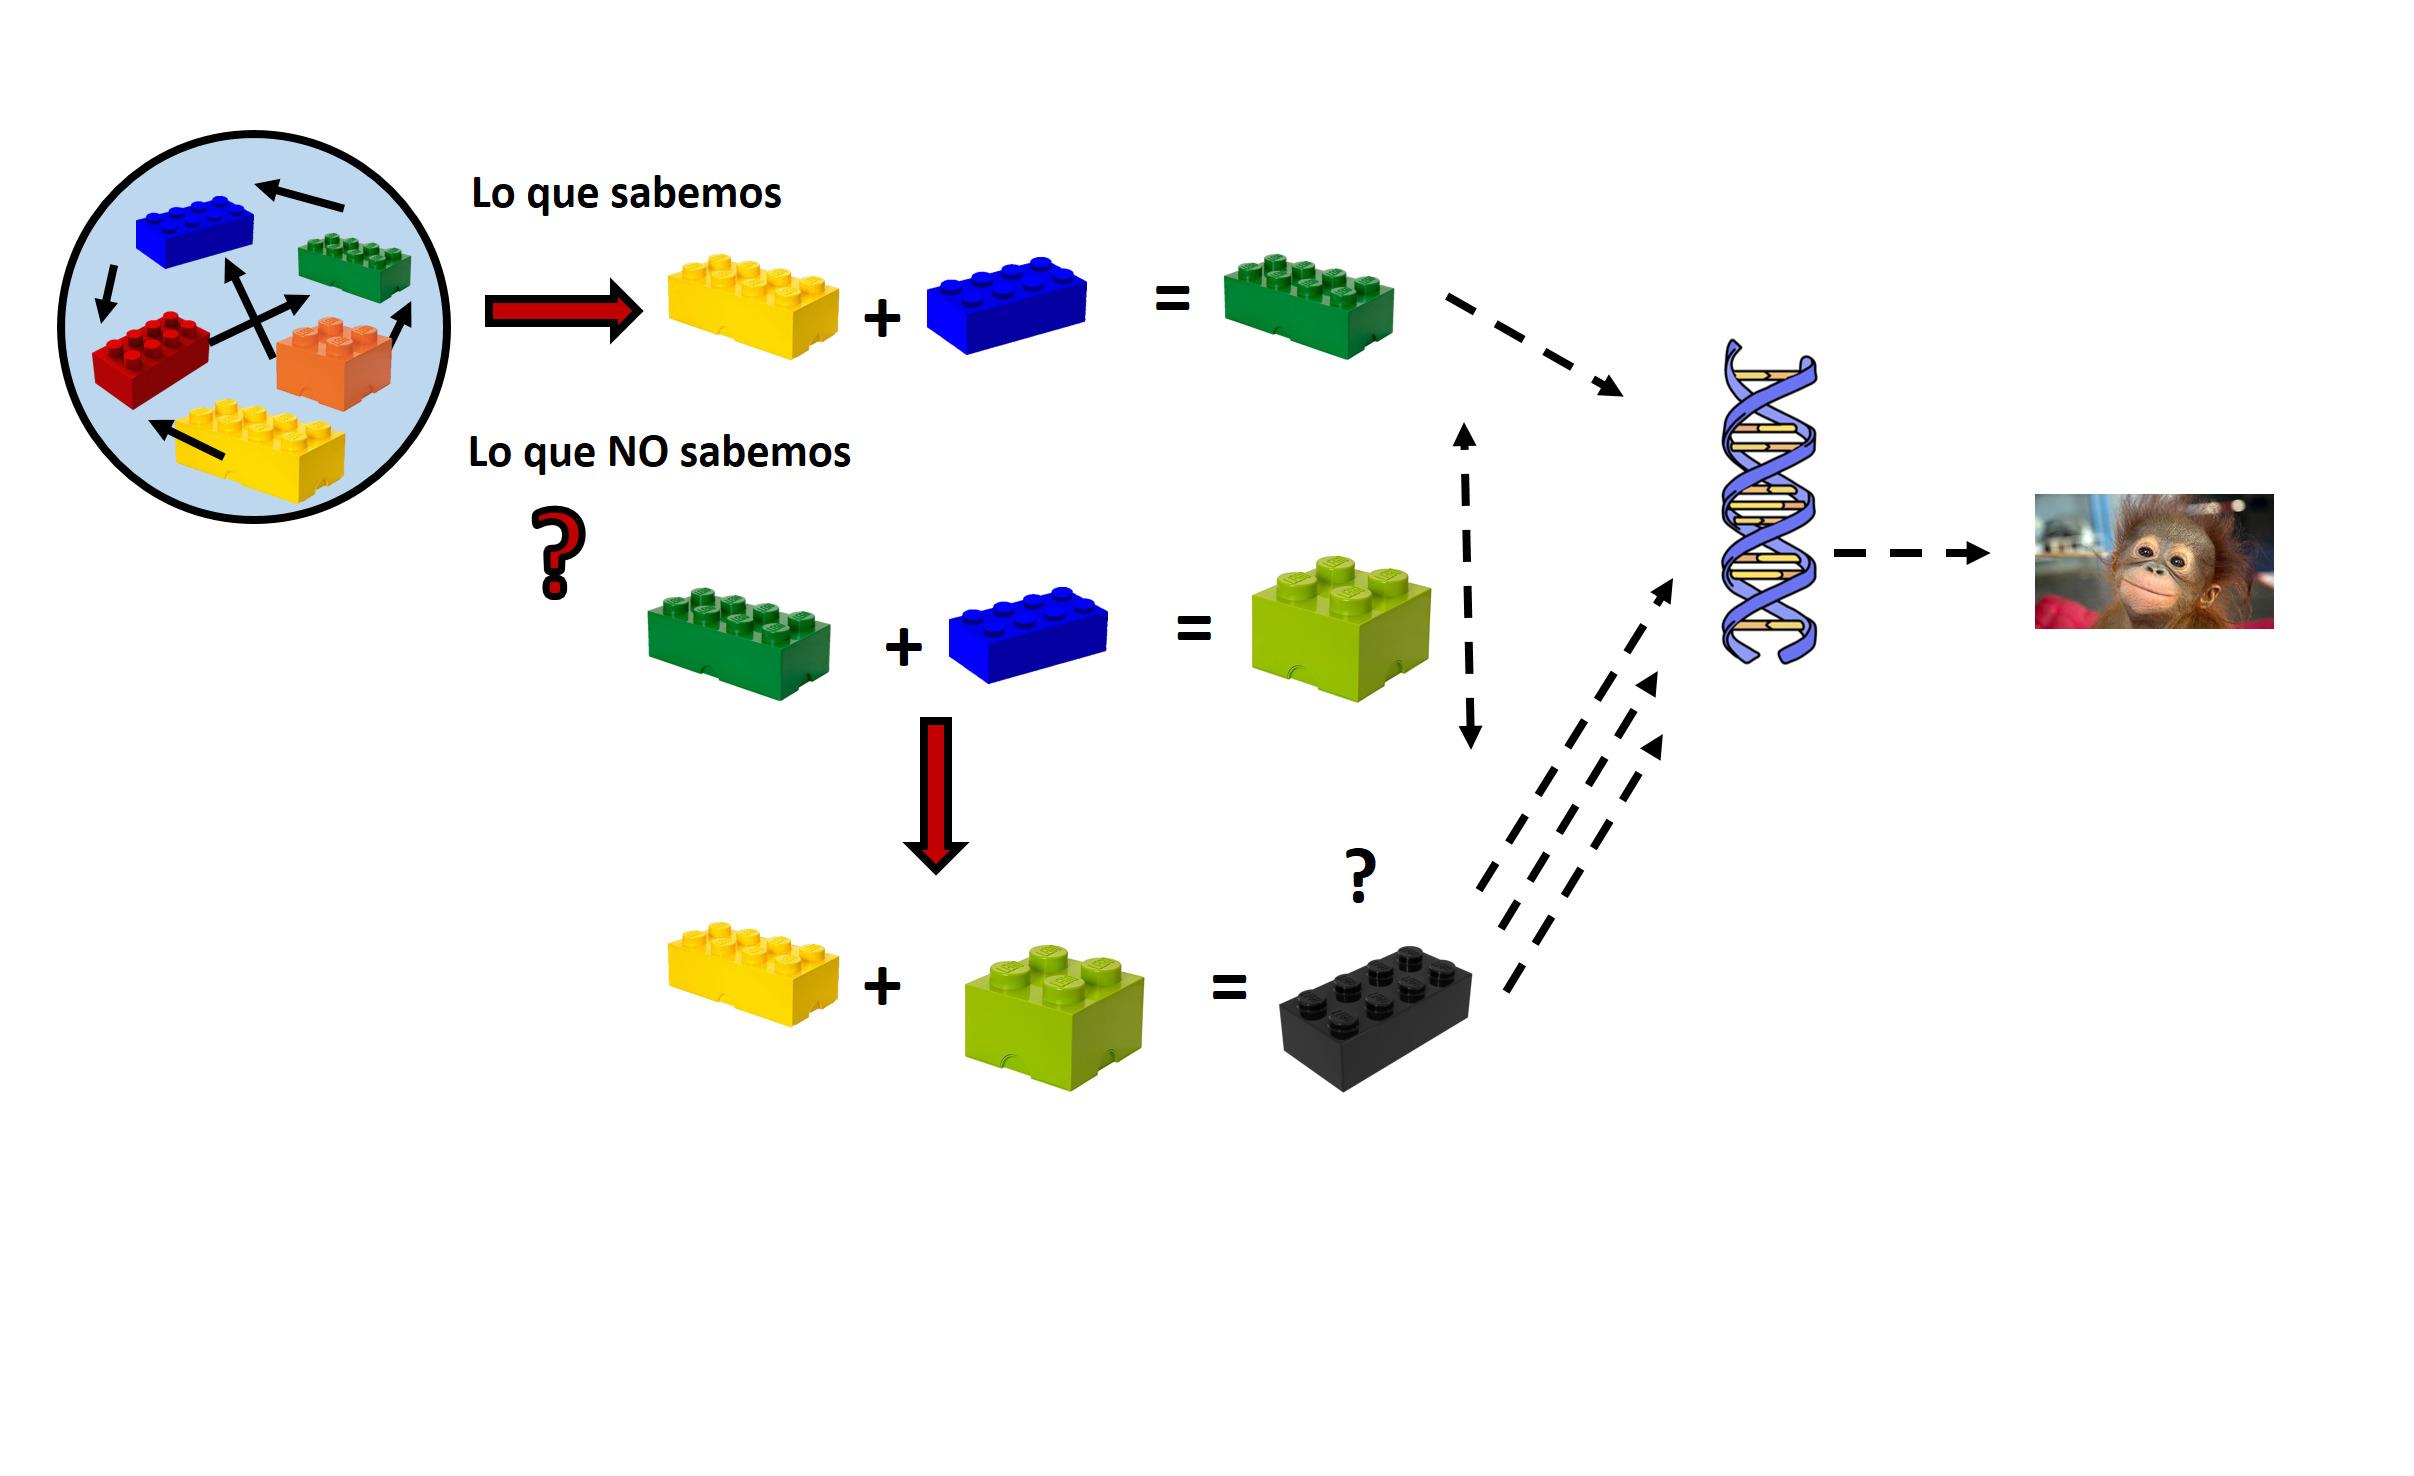 La química de sistemas implica considerar las diferentes interacciones en un sistema así como sus propiedades emergentes.